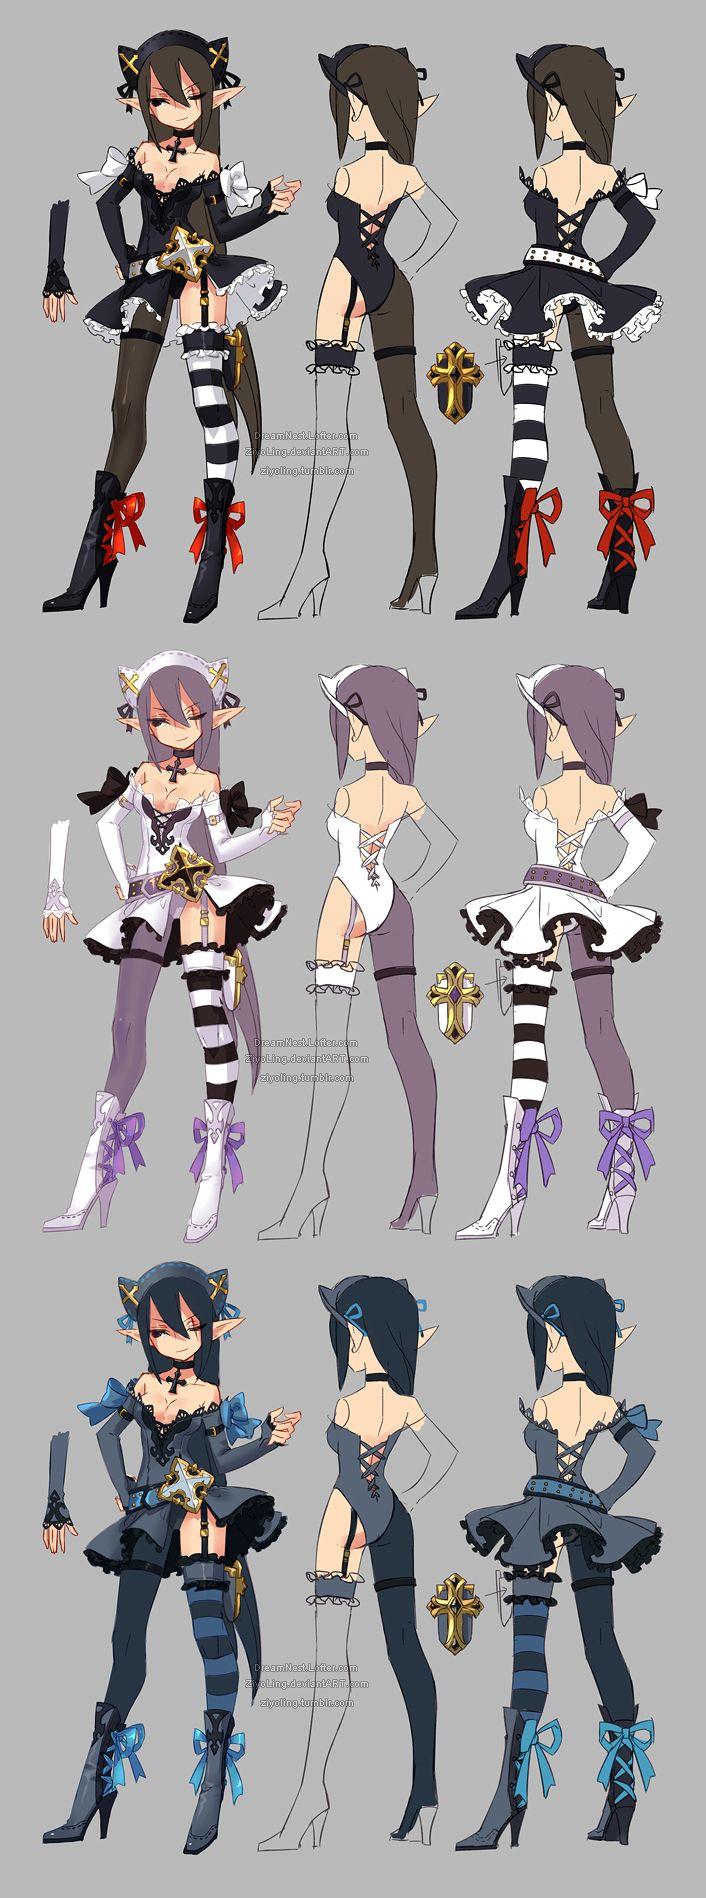 http://ziyoling.deviantart.com/art/Dragon-nest-priest-archer-577961438